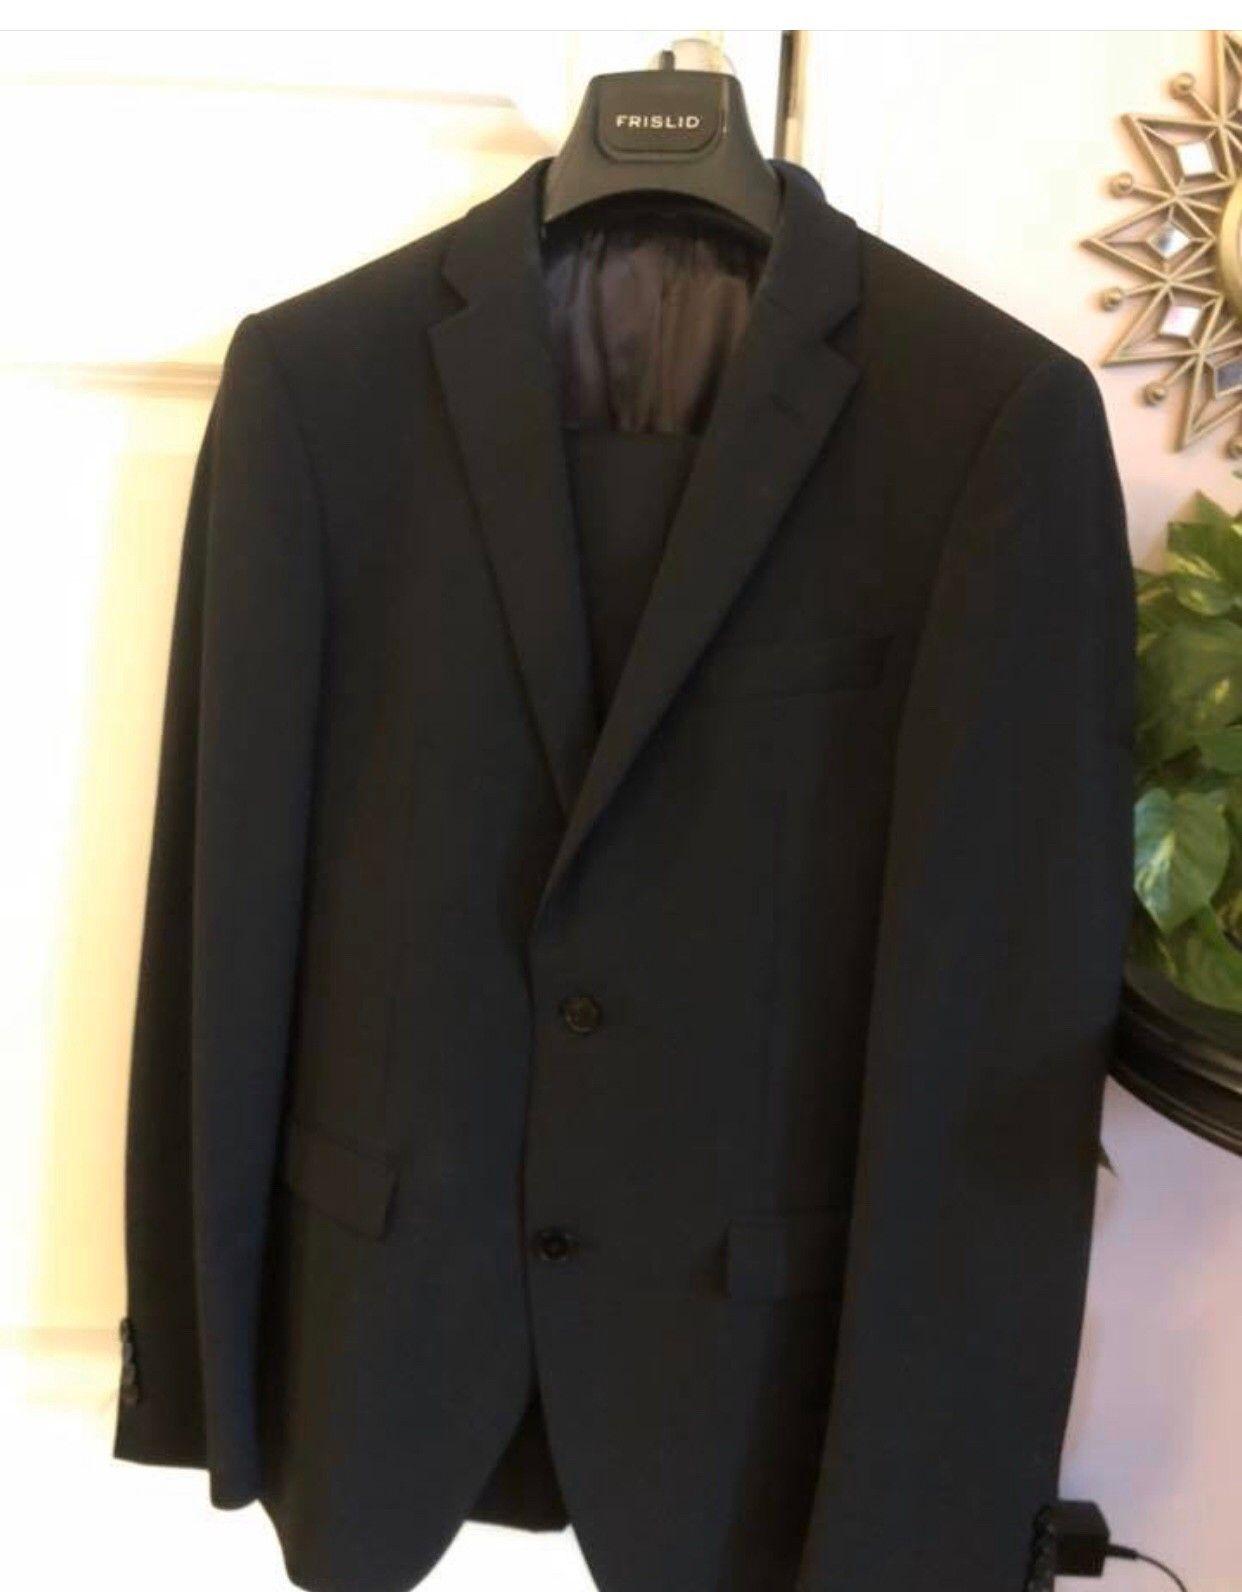 Sort dress fra Kjøpe, selge og utveksle annonser finn den